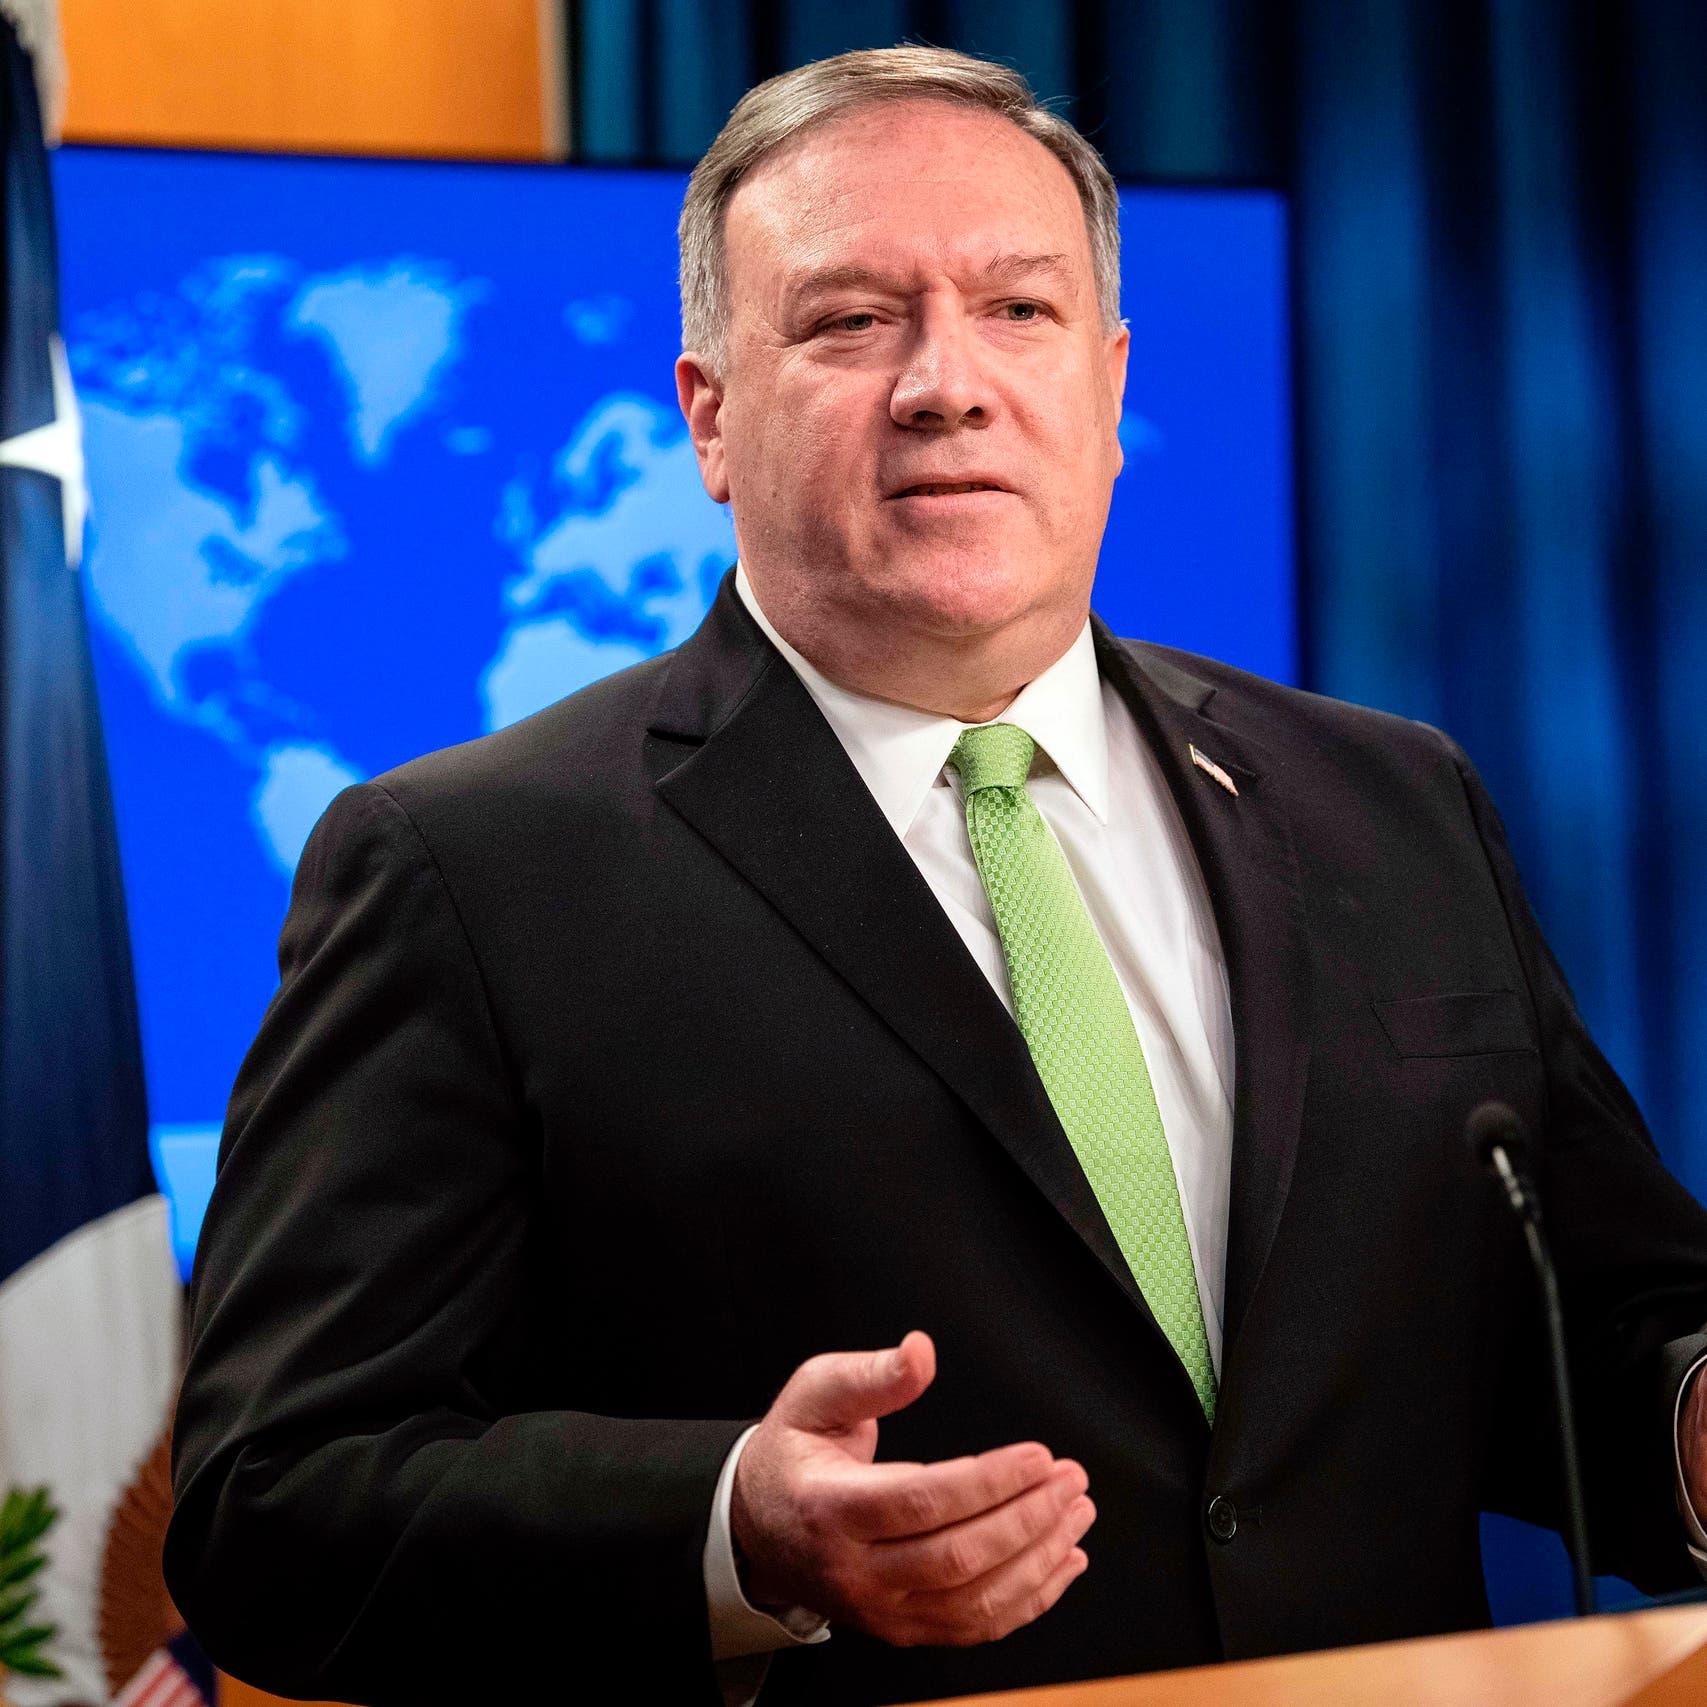 بومبيو: مجلس الأمن أخفق في محاسبة إيران.. سنصحح الخطأ